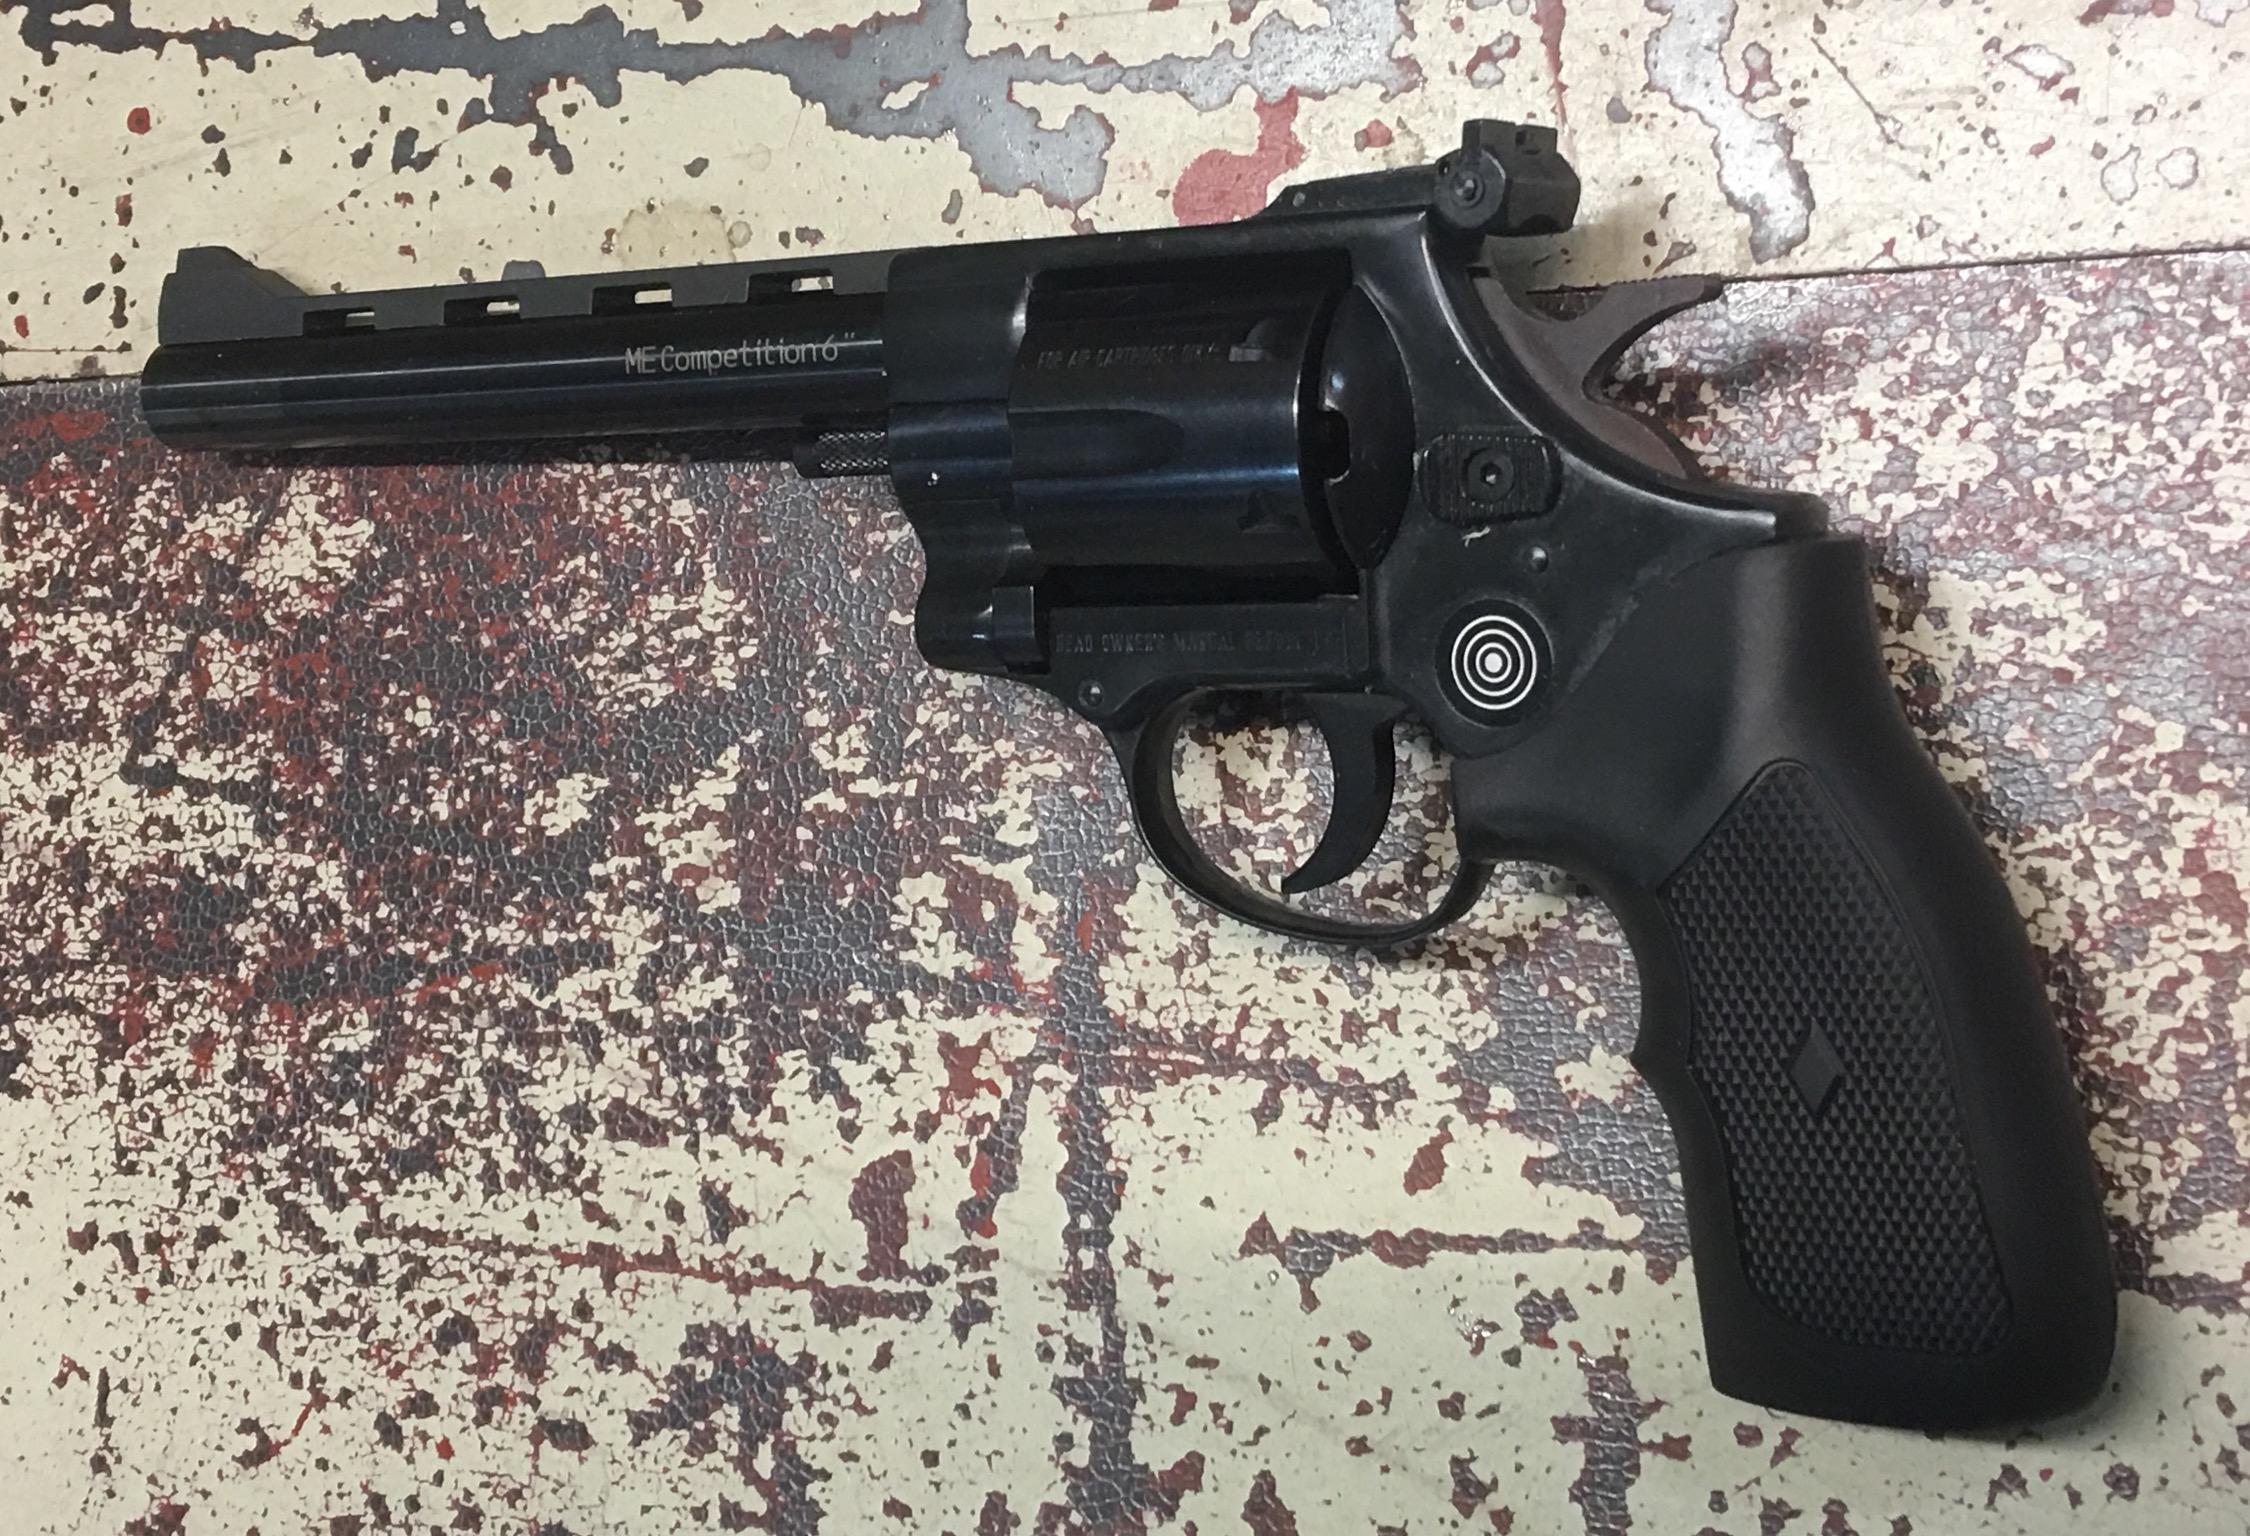 Mit dem neutralen, großen Kunststoffgriff liegt der Revolver sehr gut in der Hand. Leider ist der Griff nur in Rechtsausführung verfügbar.